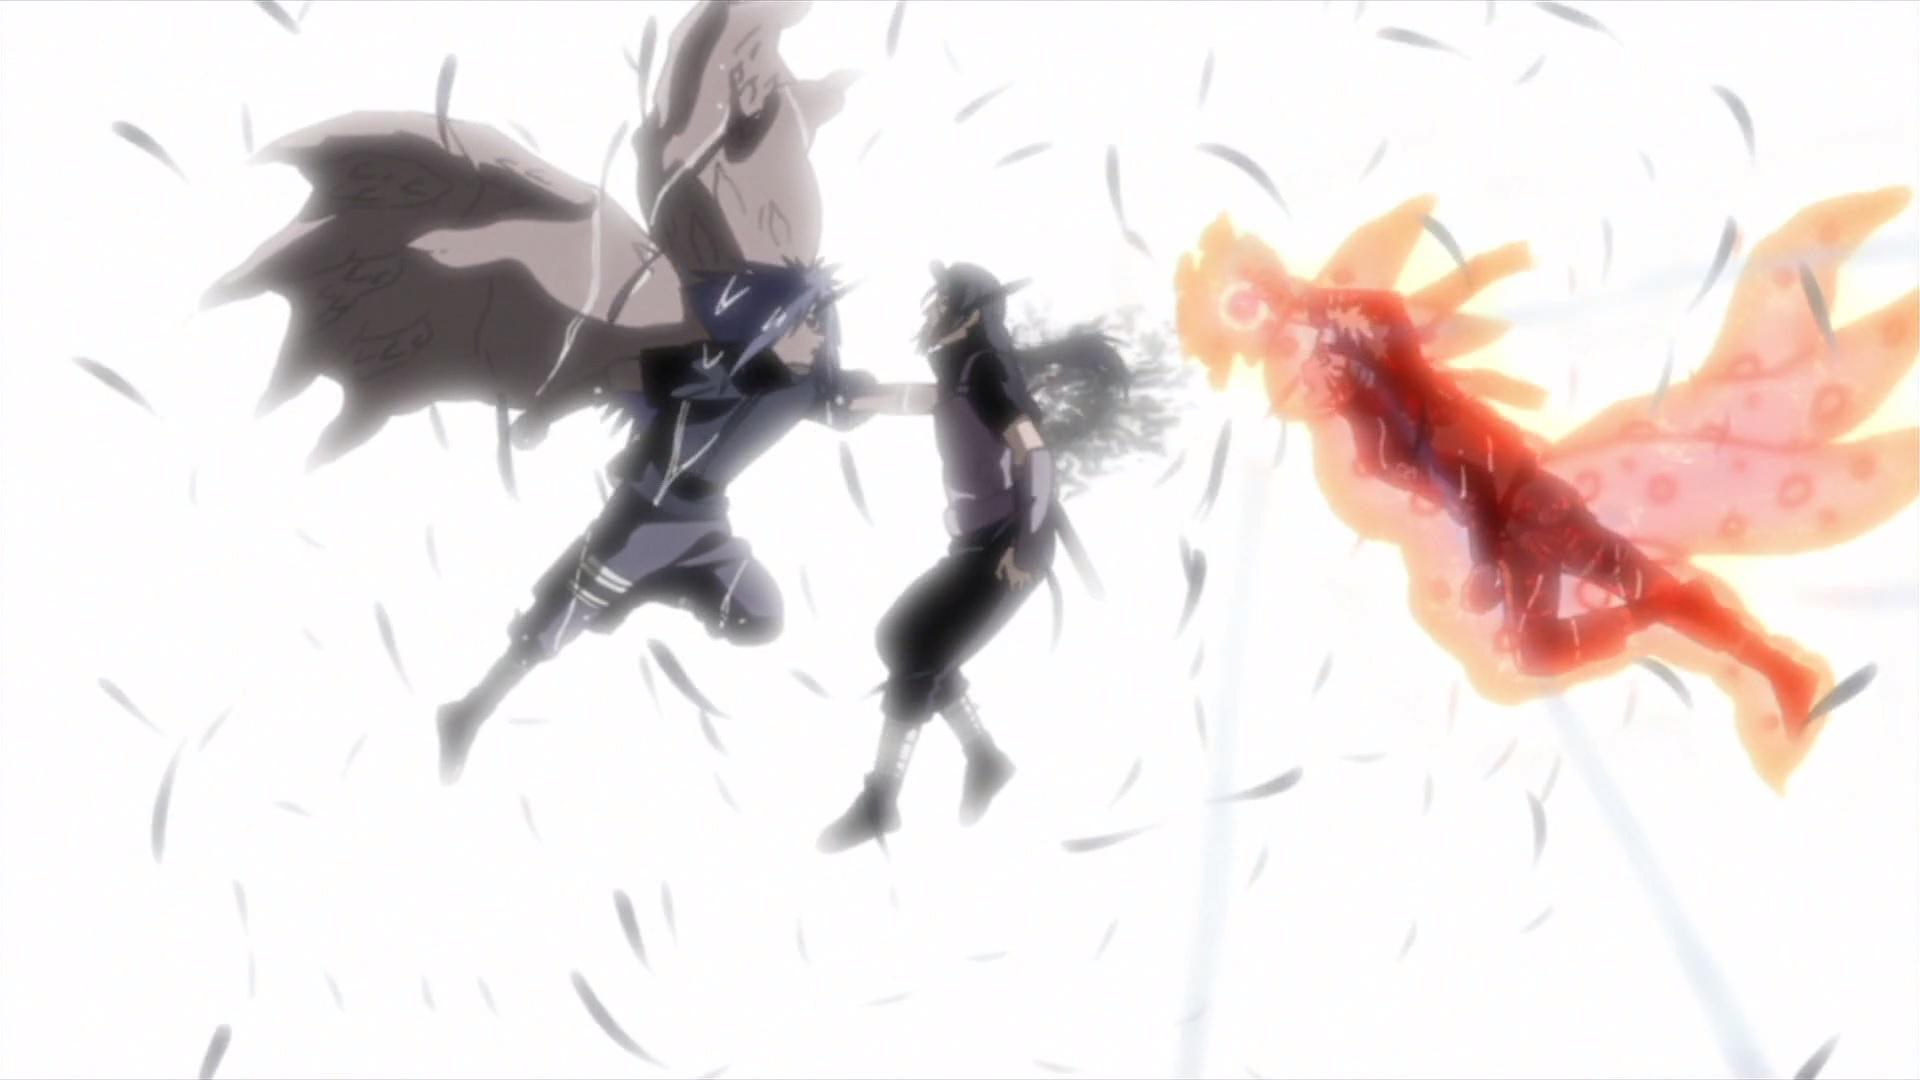 Fairy Tail Wallpaper Hd Sasuke Vs Naruto Orochimaru S Curse Naruto Shippuden